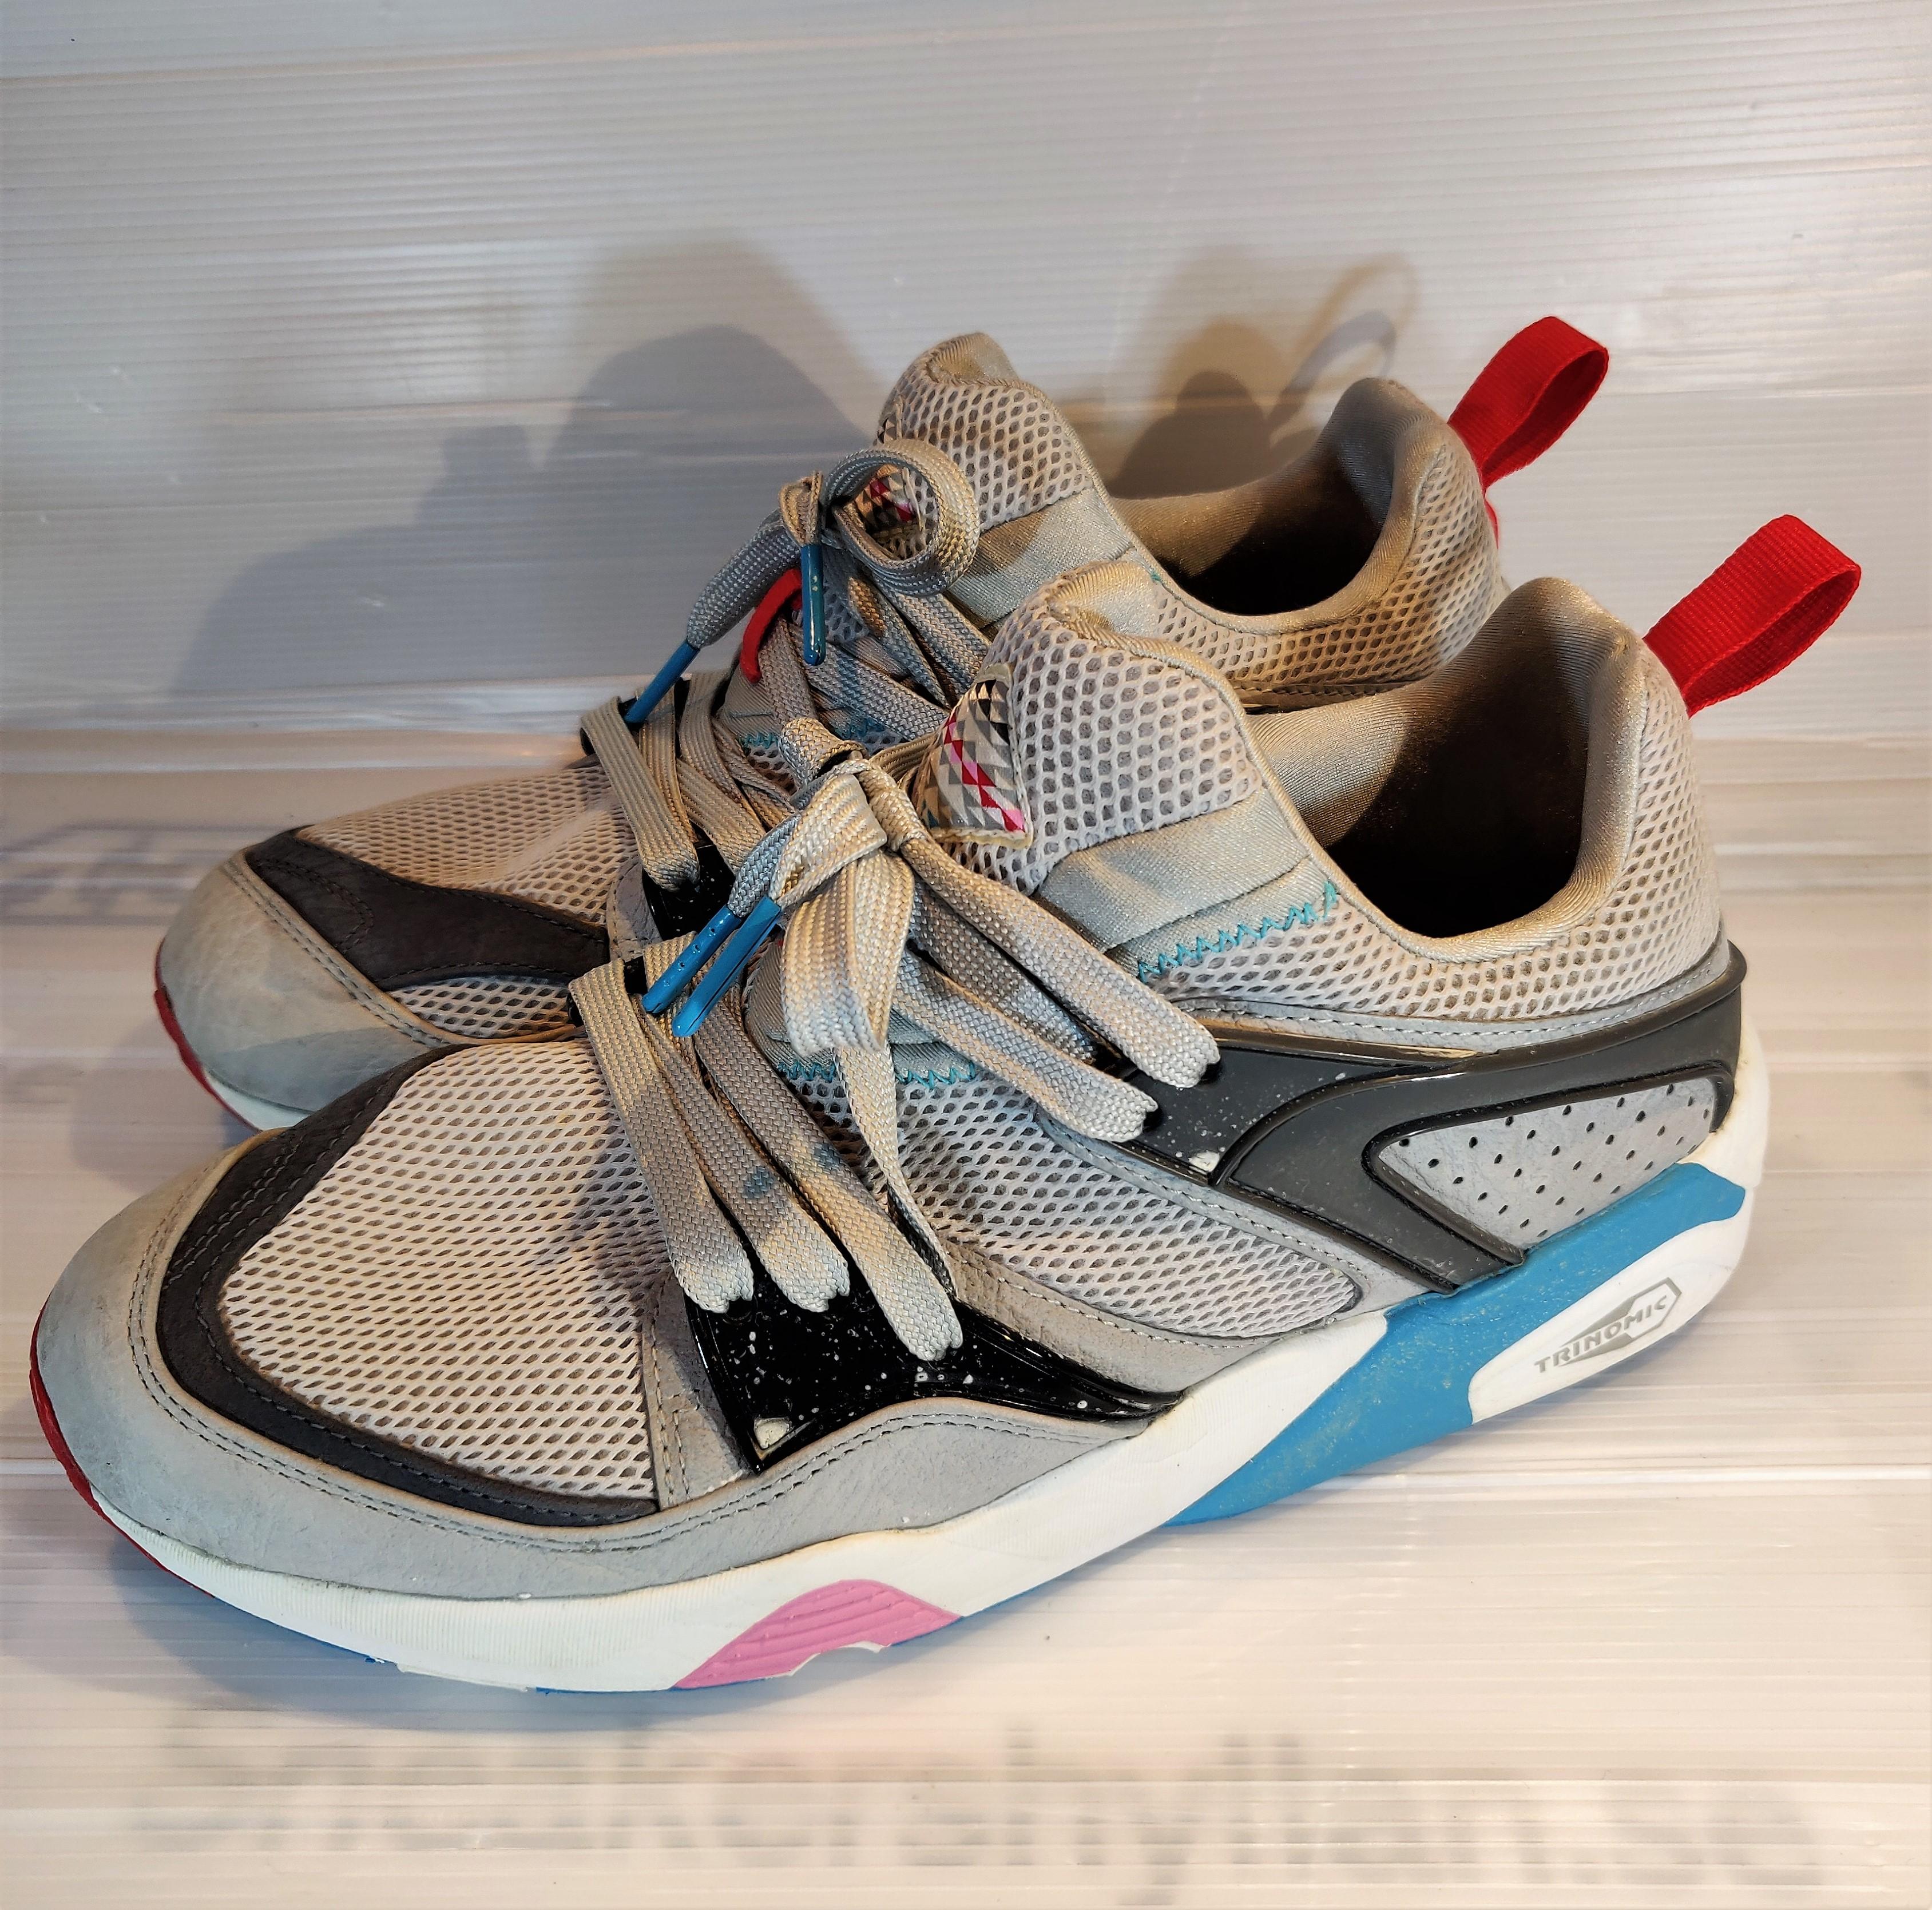 Puma Blaze Of Glory Sneaker Freaker Great White